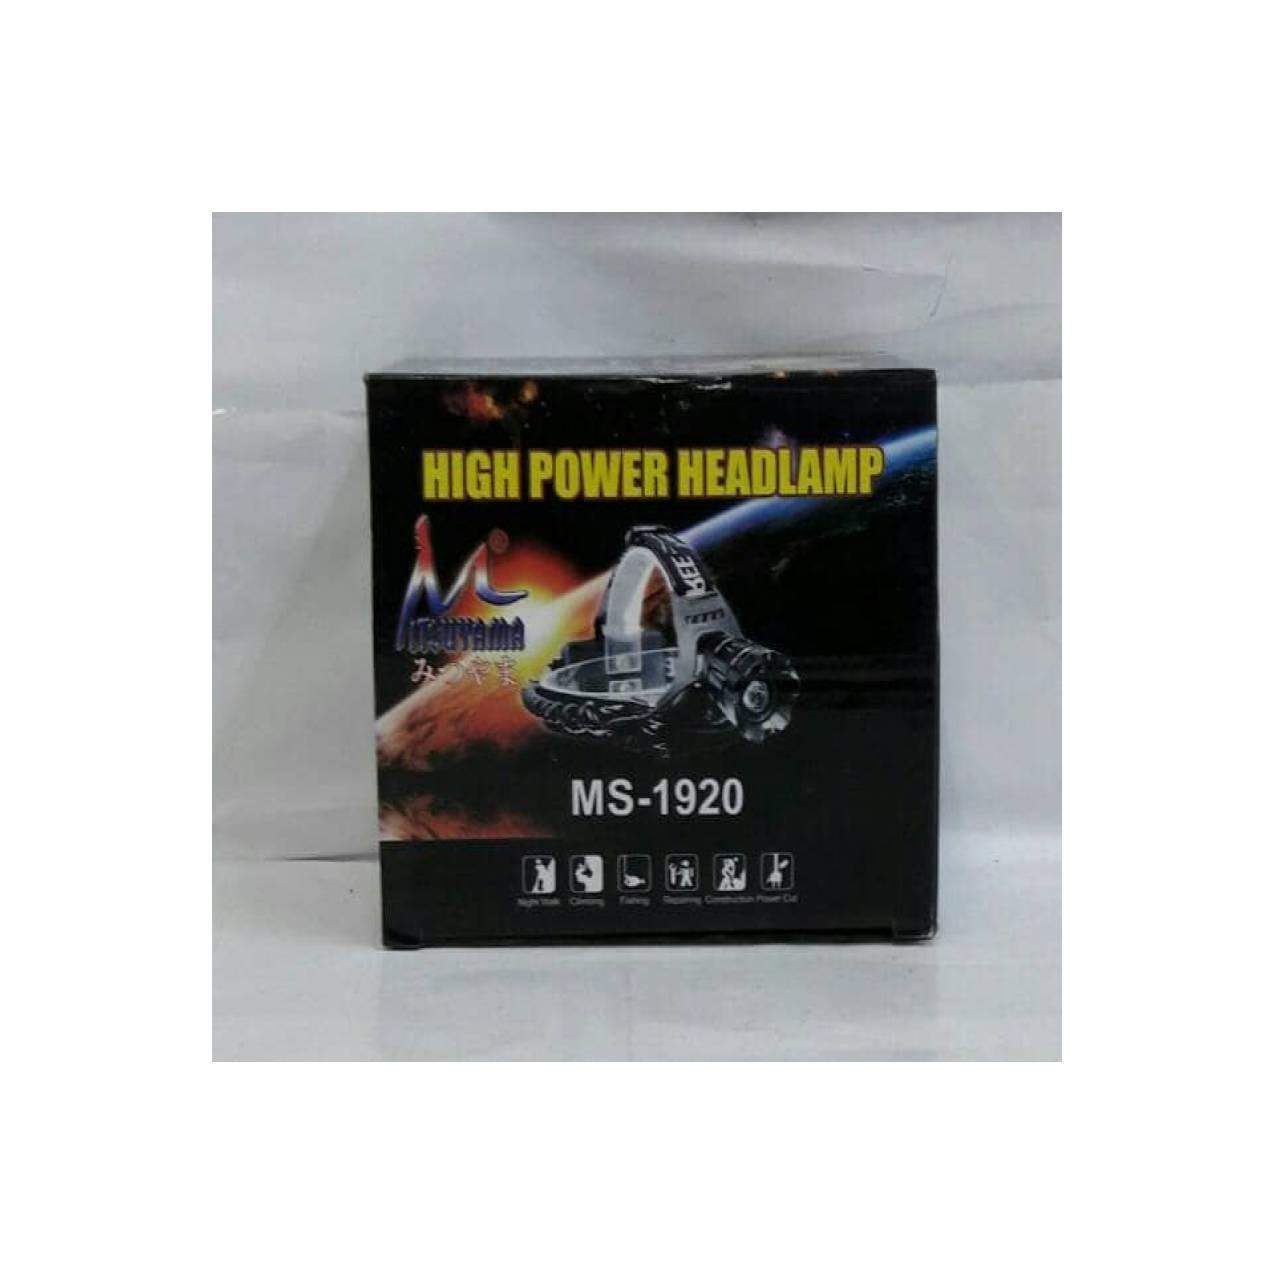 Jual Headlamp Mitsuyama Ms Murah Garansi Dan Berkualitas Id Store Senter Kepala Model Mata Kucing Rp 224000